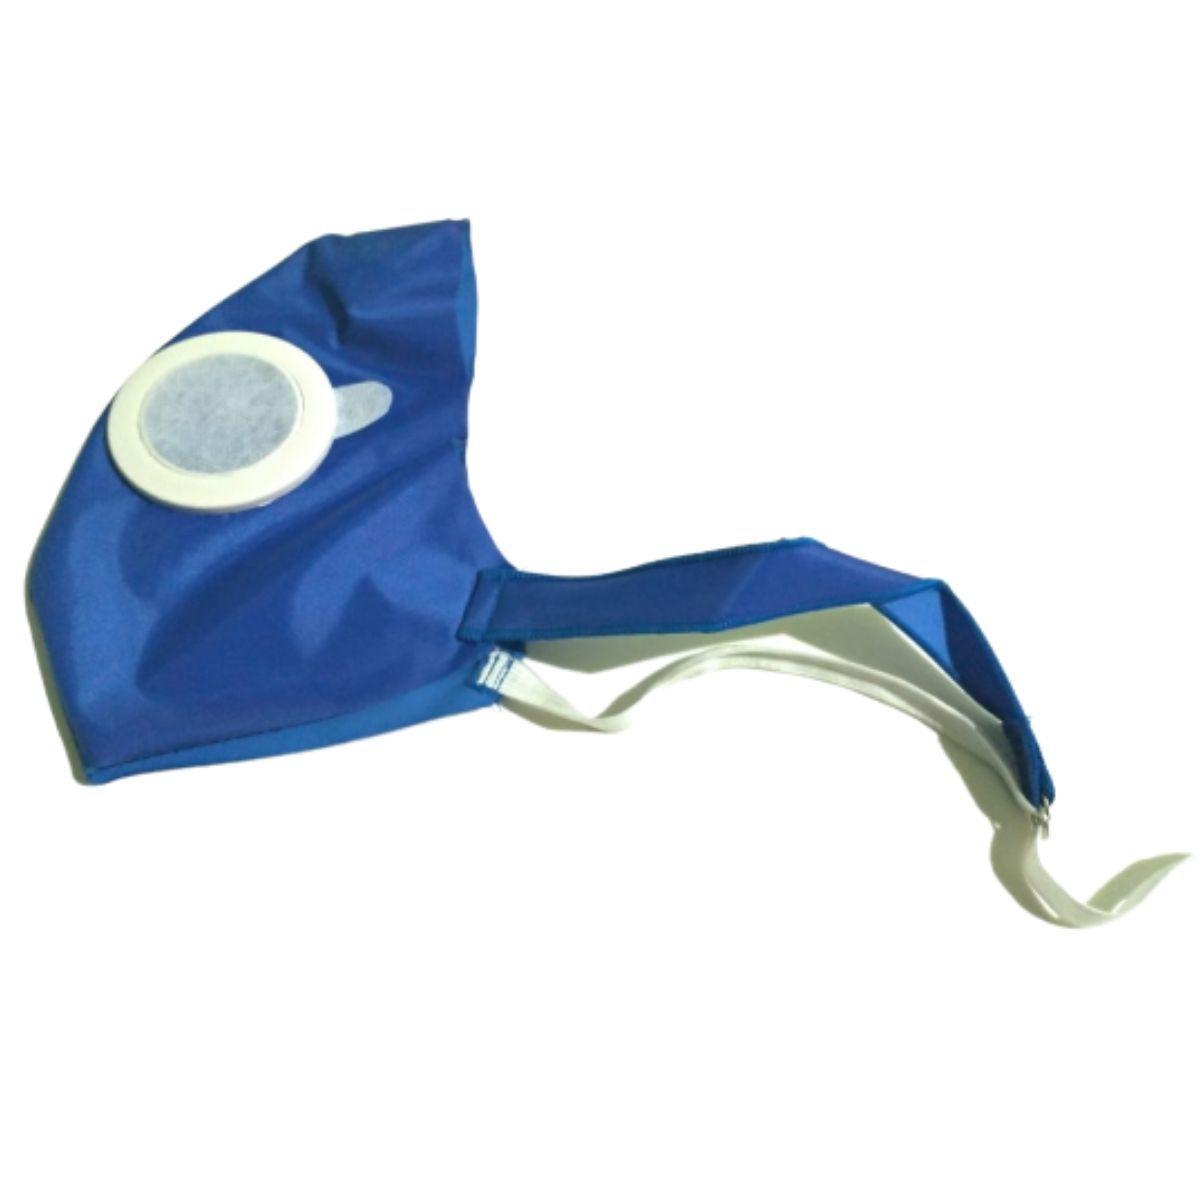 Máscara Ajustável De Rosto Tecido Reutilizável Em Nylon Impermeável - MÁSCARA